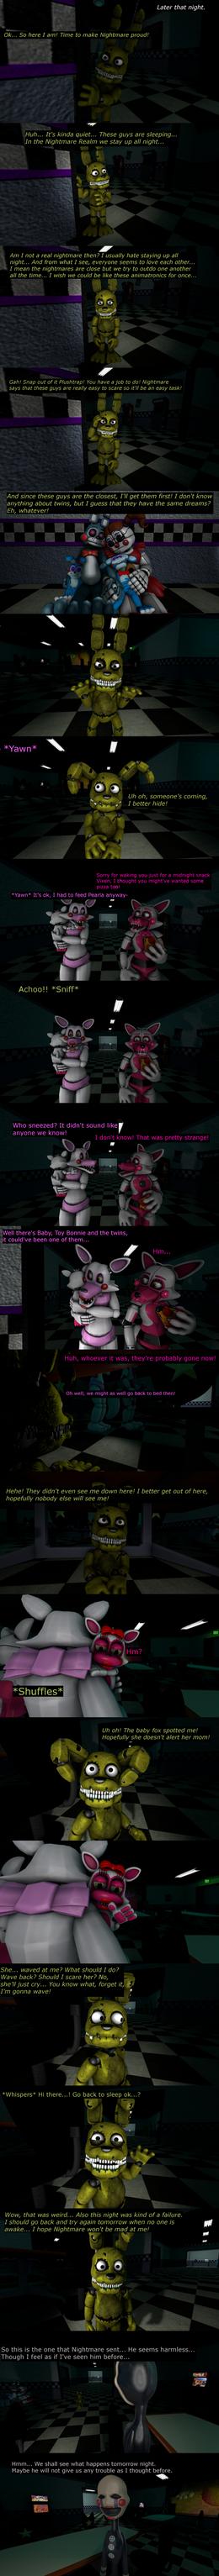 The Misfit Nightmare Pt 3 by EmeraldWerewolfHeart